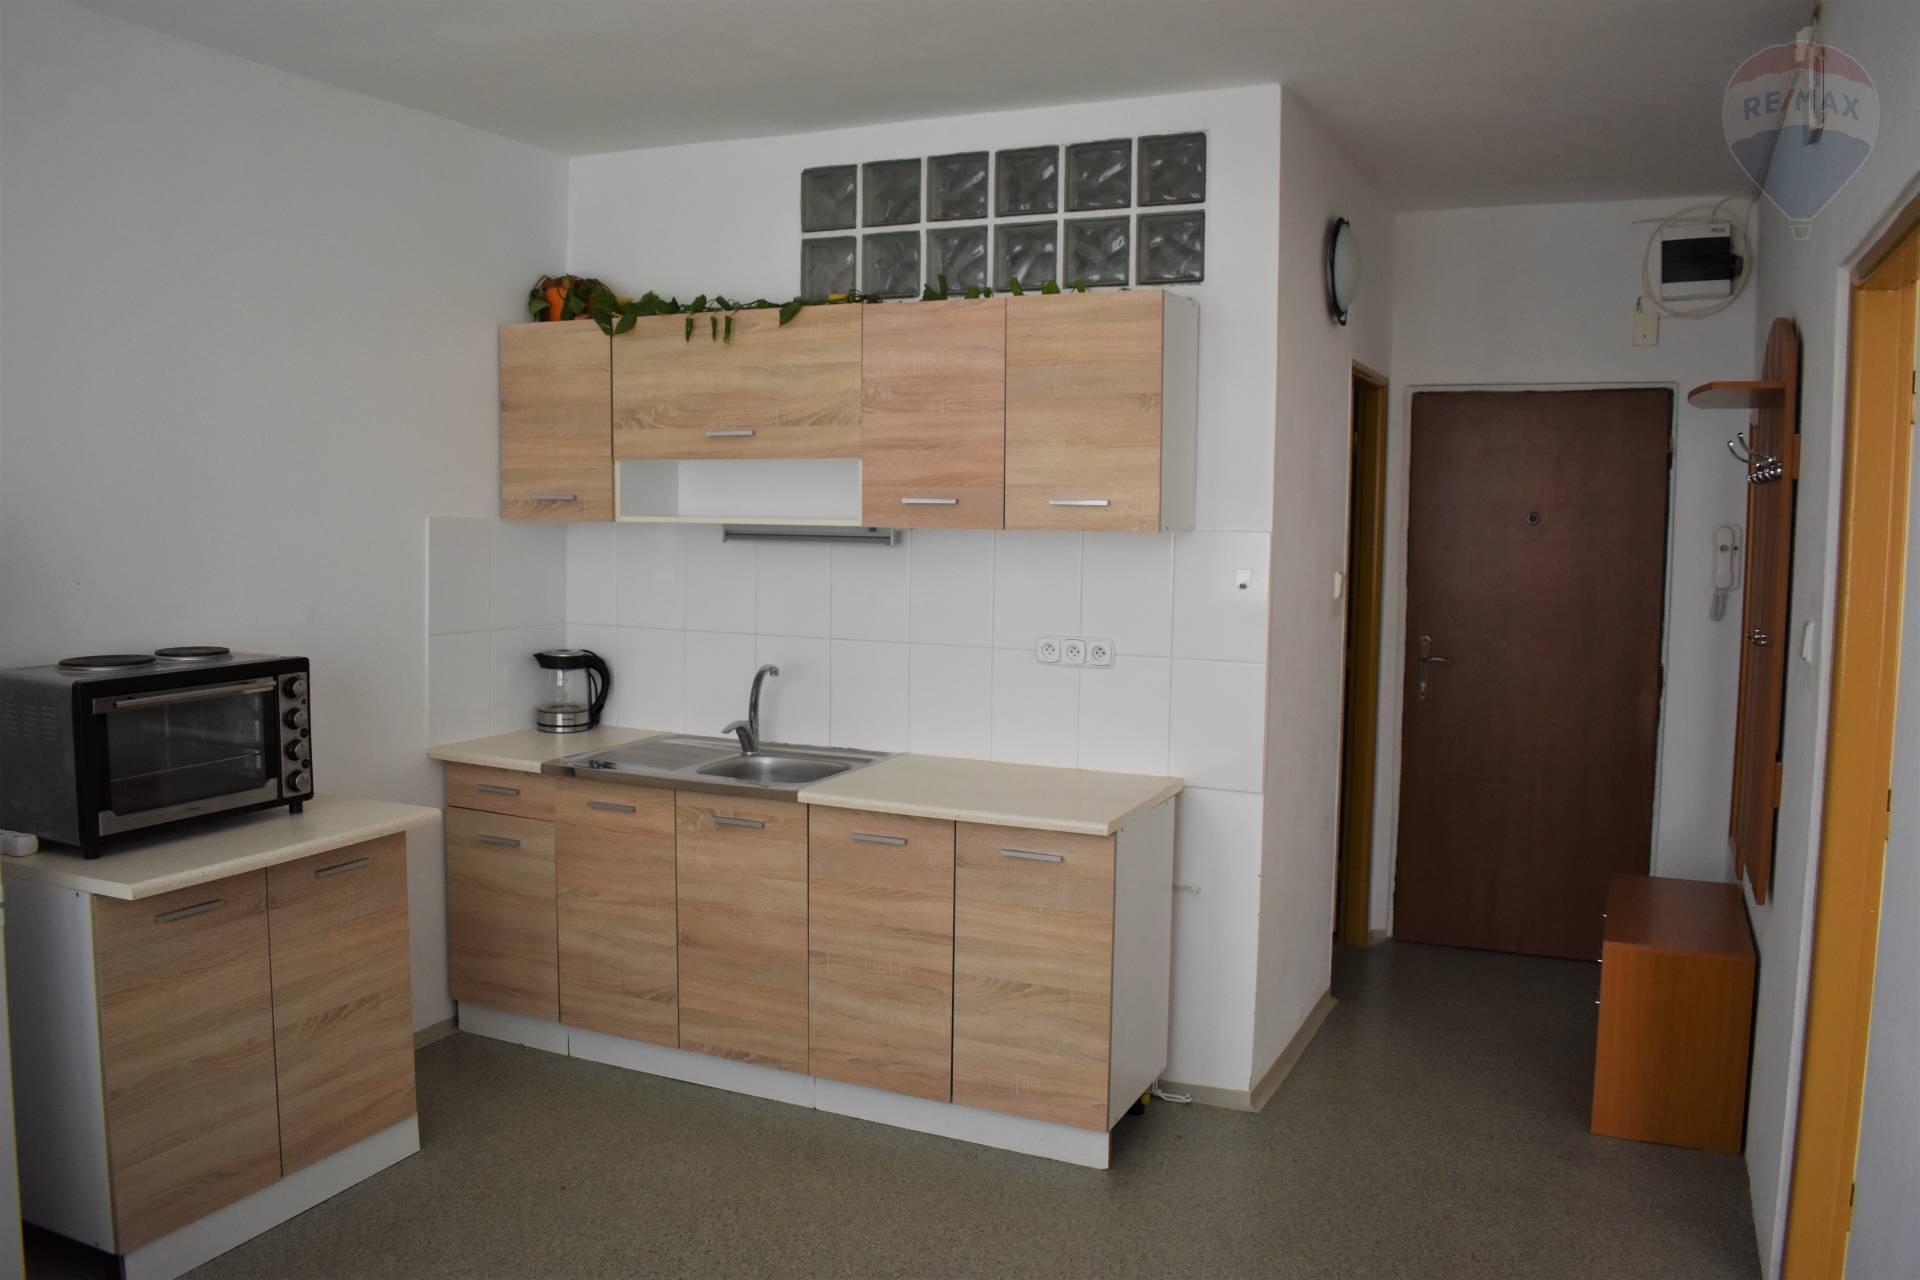 Prenájom bytu (1 izbový) 36 m2, Nitra - Kuchyňa s chodbou